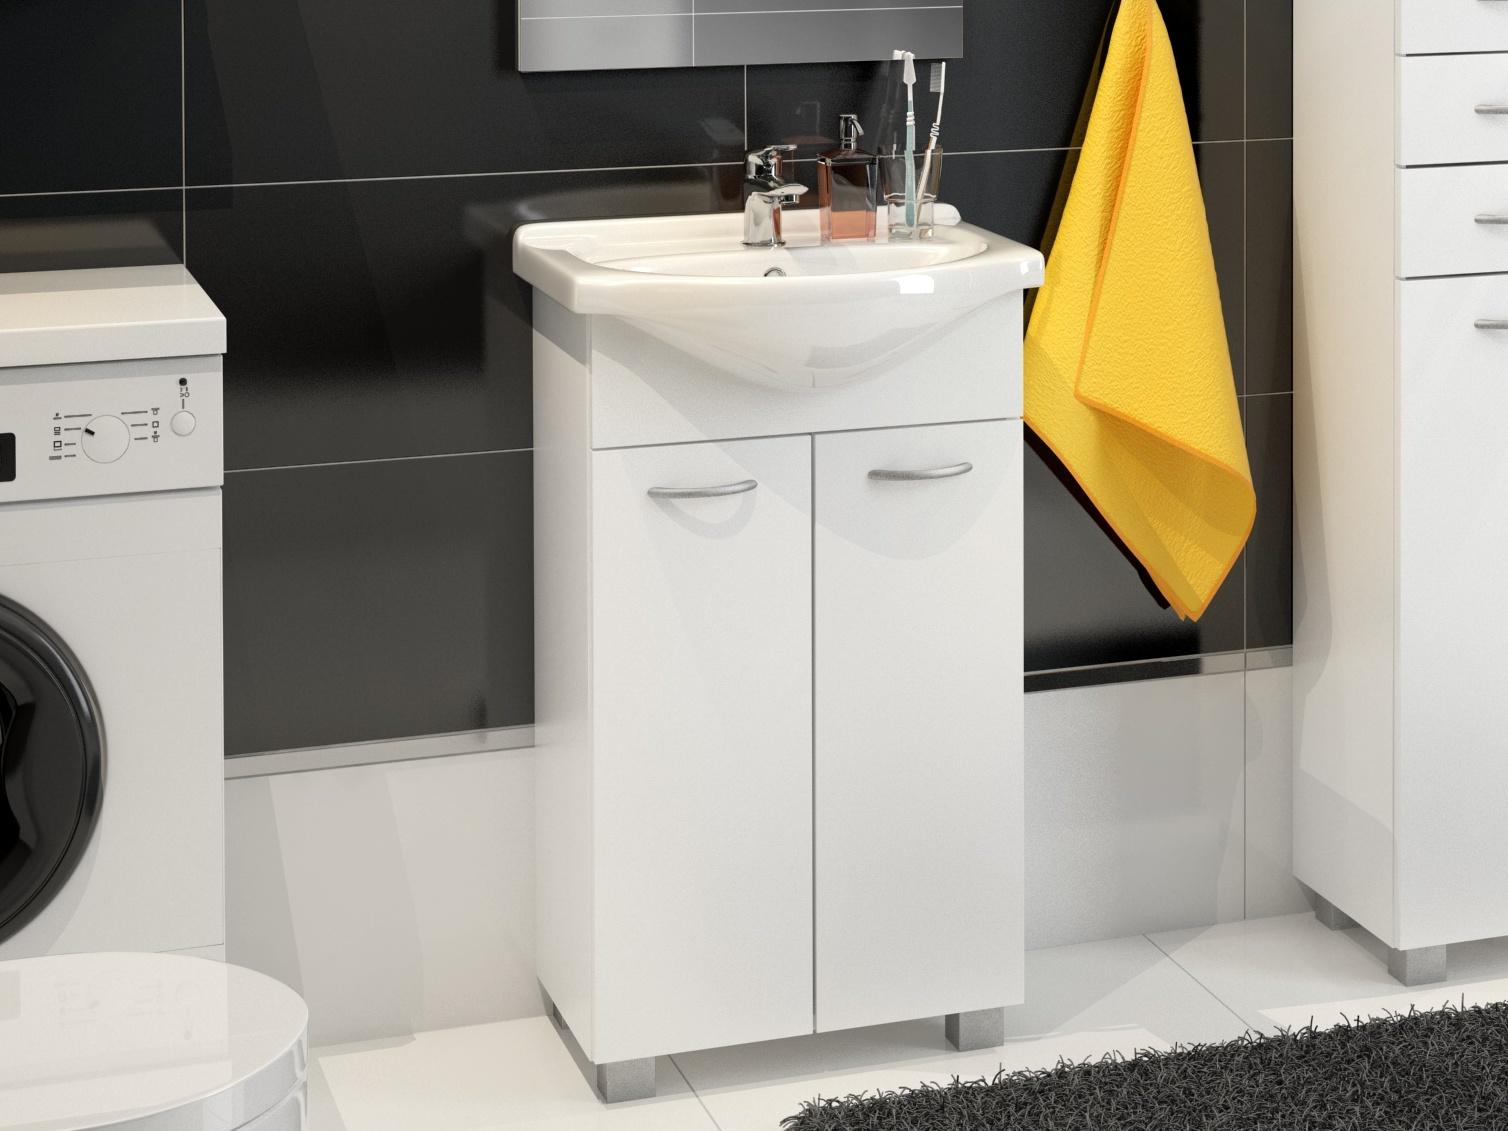 Koupelnová skříňka NEJBY s umyvadlem, bílá